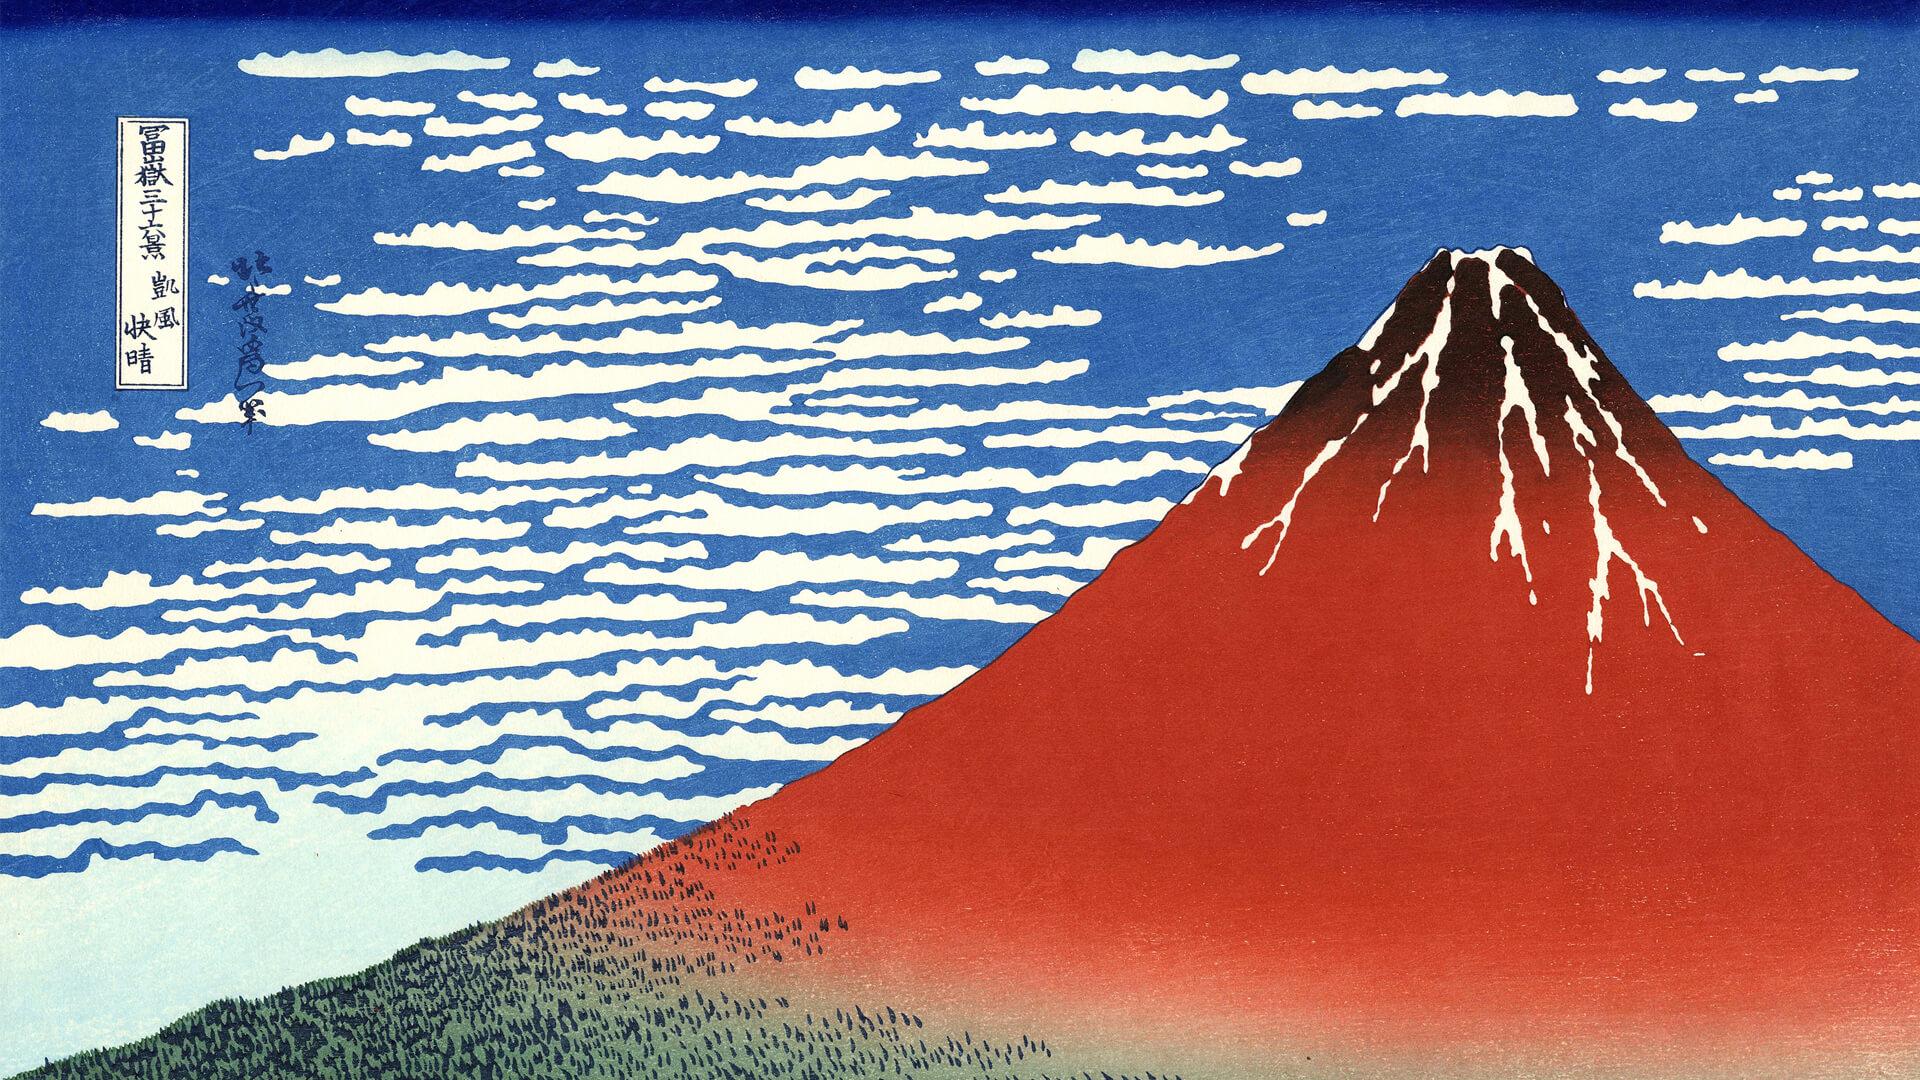 Katsushika Hokusai-Gaifu kaisei_1920x1080